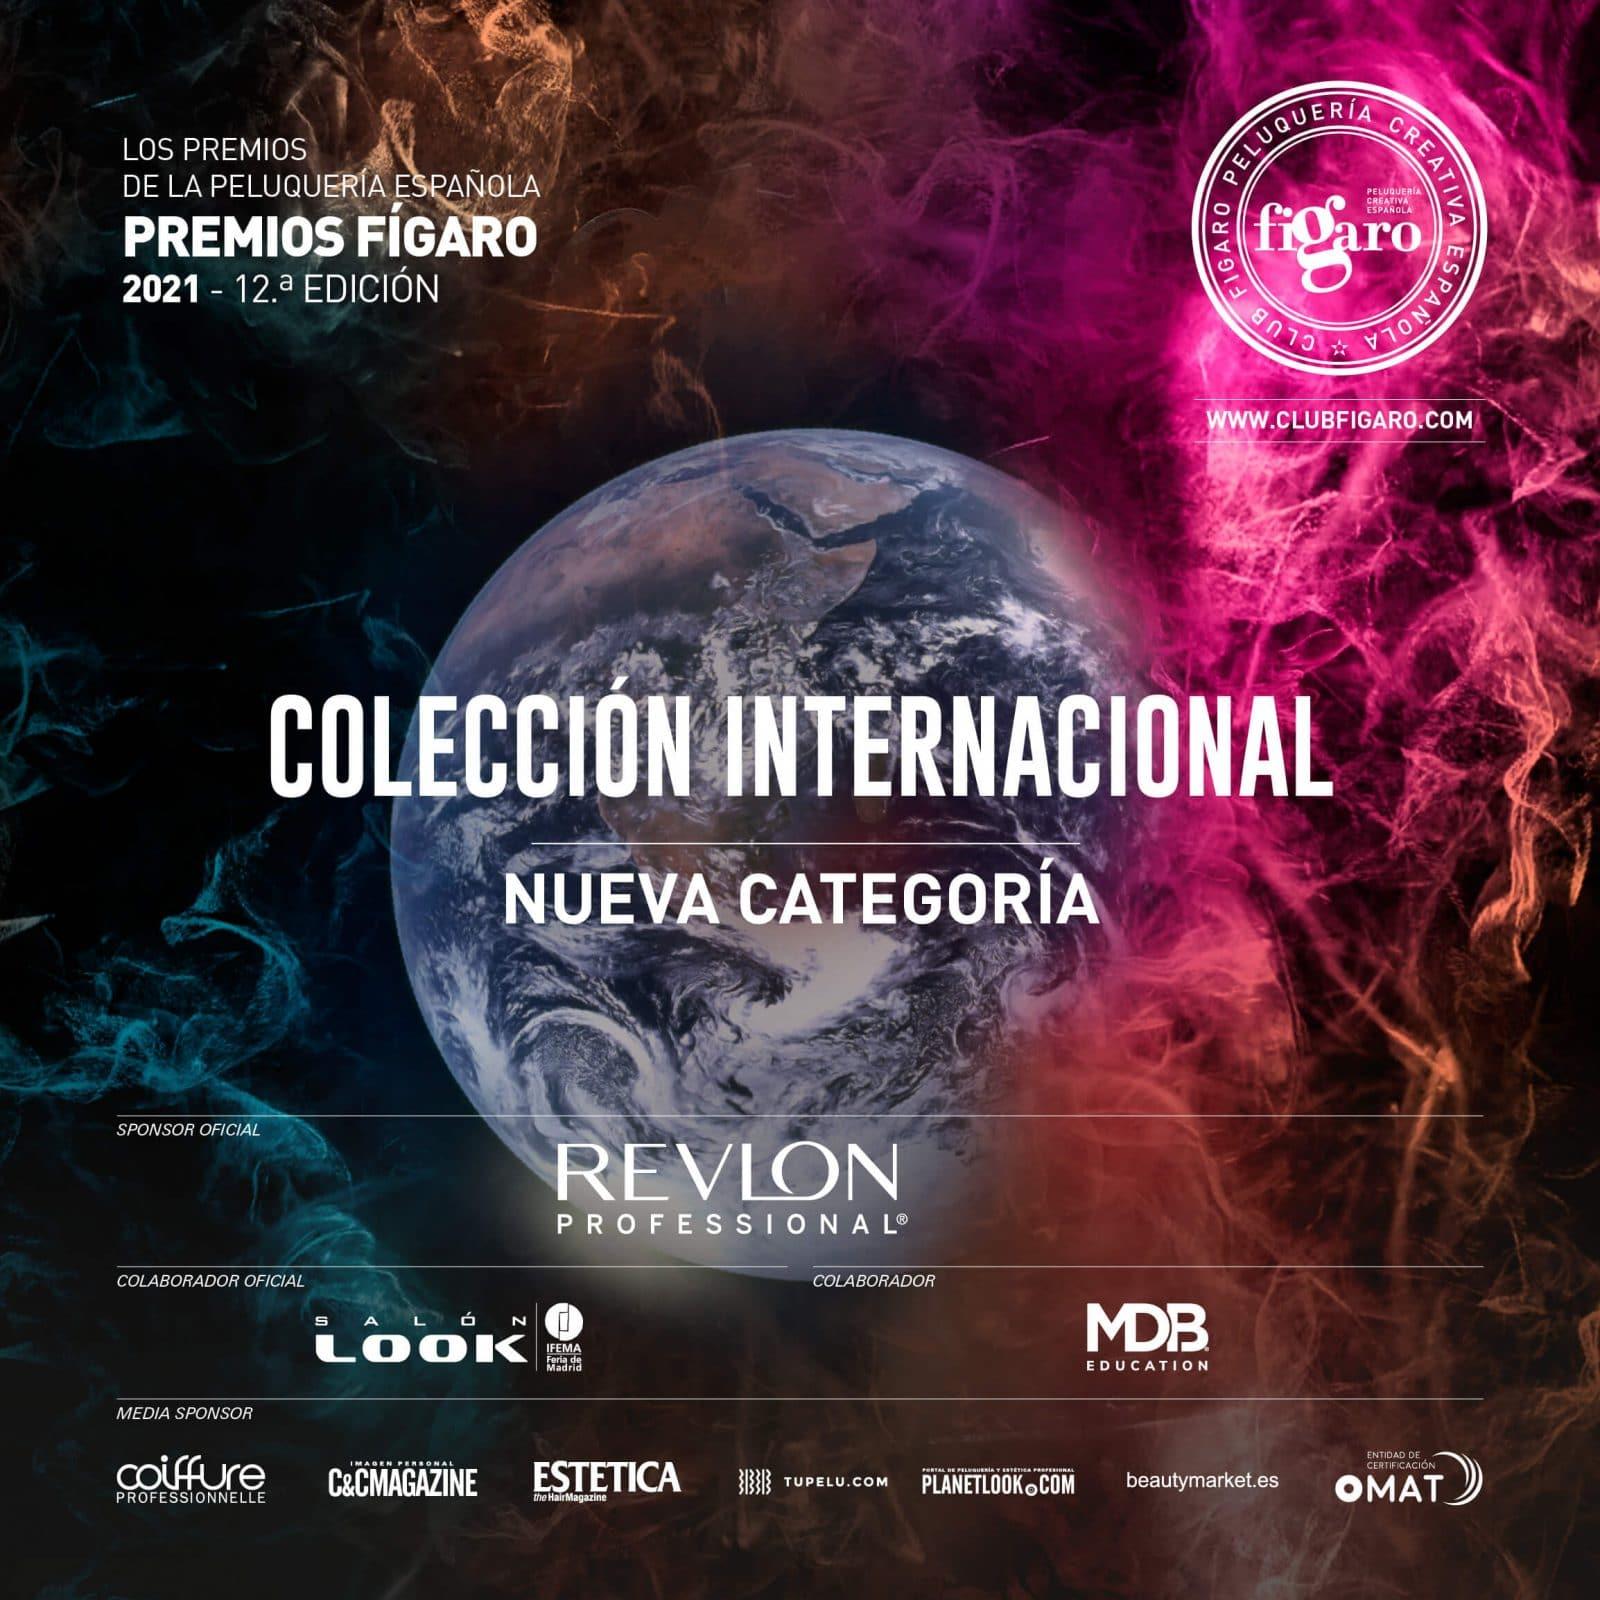 PremiosFigaro CategoriaInternacional2 1